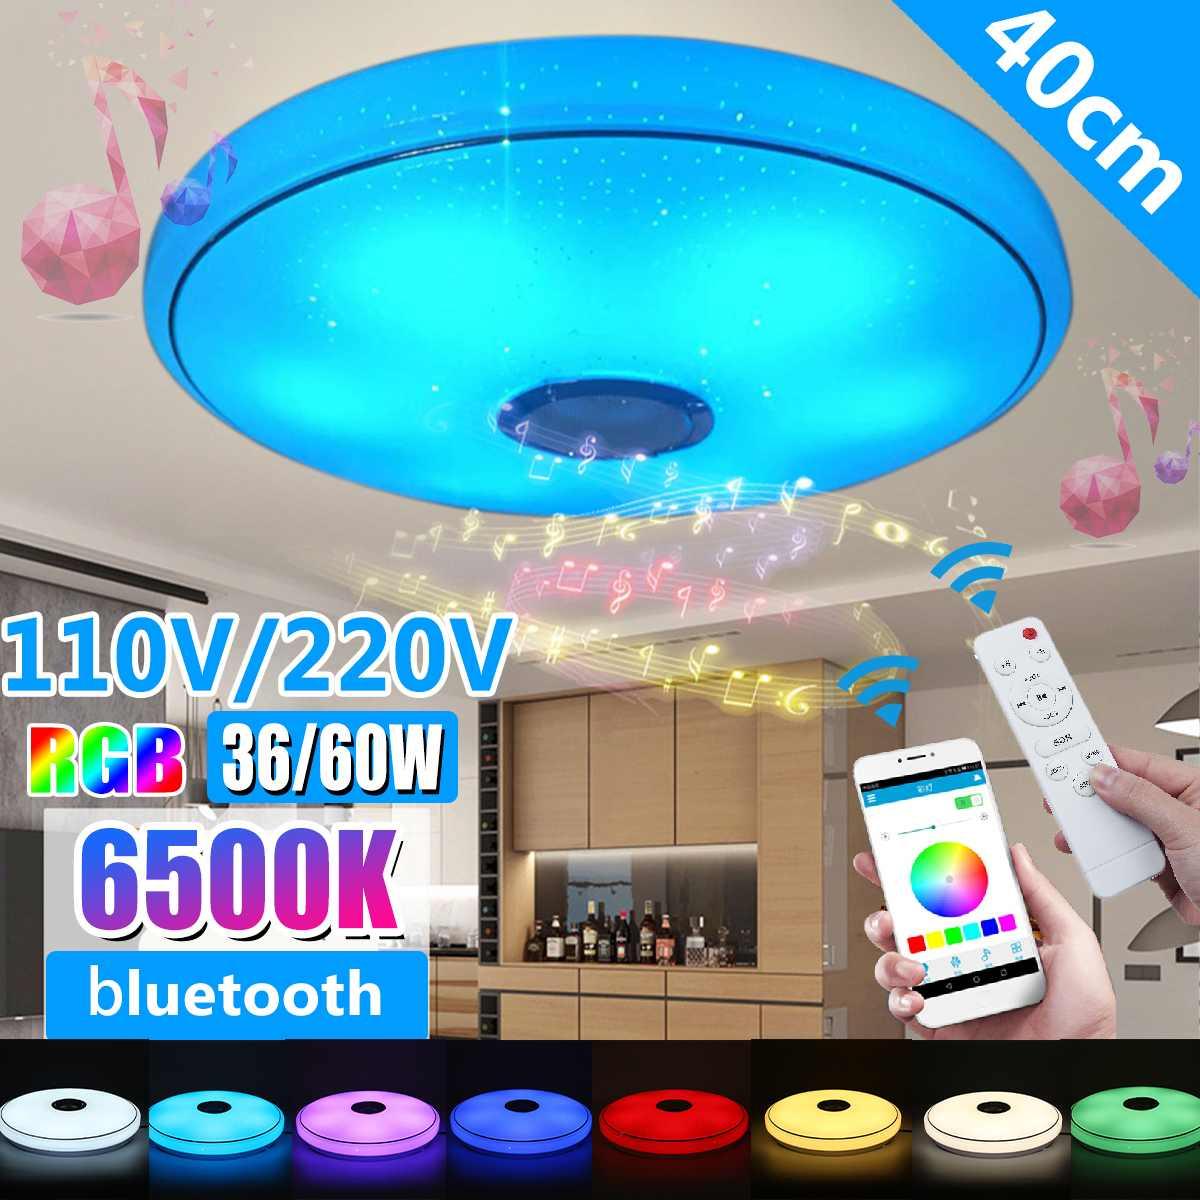 현대 RGB LED 천장 조명 홈 조명 36W 60W APP 블루투스 음악 빛 침실 램프 스마트 천장 조명 + 원격 제어